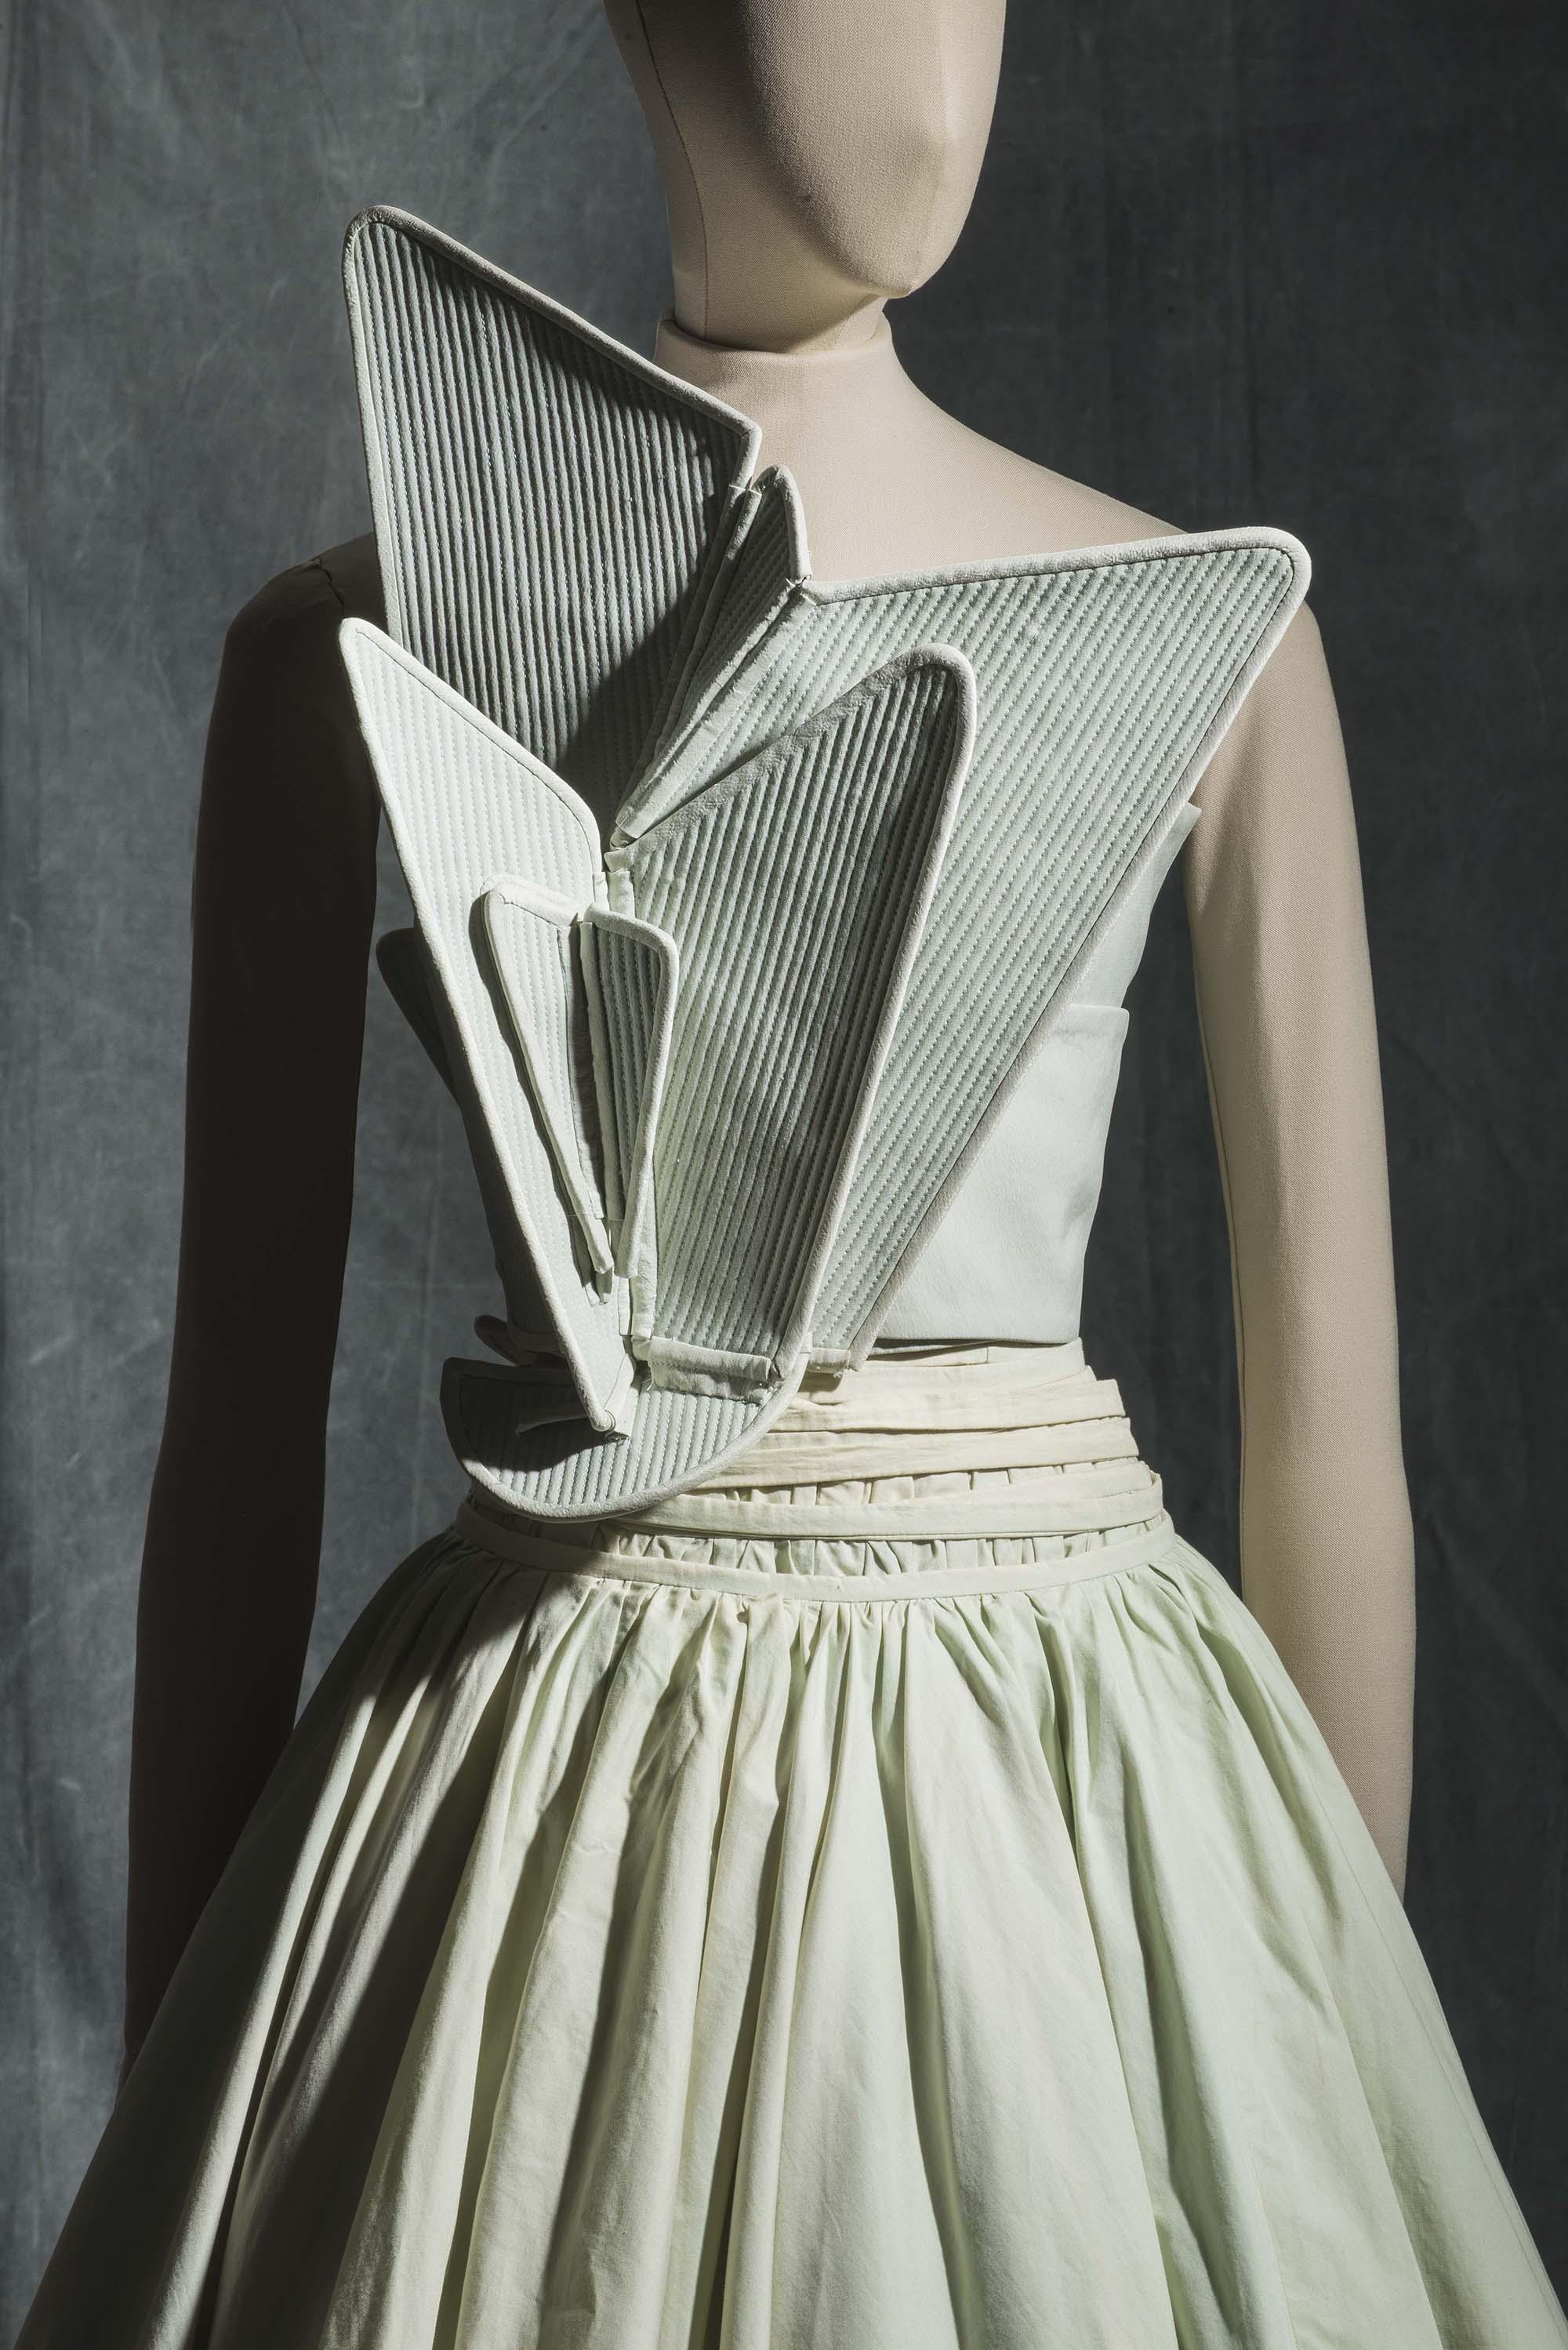 aa0cc776713f ... Robe, printemps-été 2000 Faille de soie, toile de coton et tulle  synthétique. Collection Mode et Textile © MAD, Paris   photo   Jean  Tholance ...